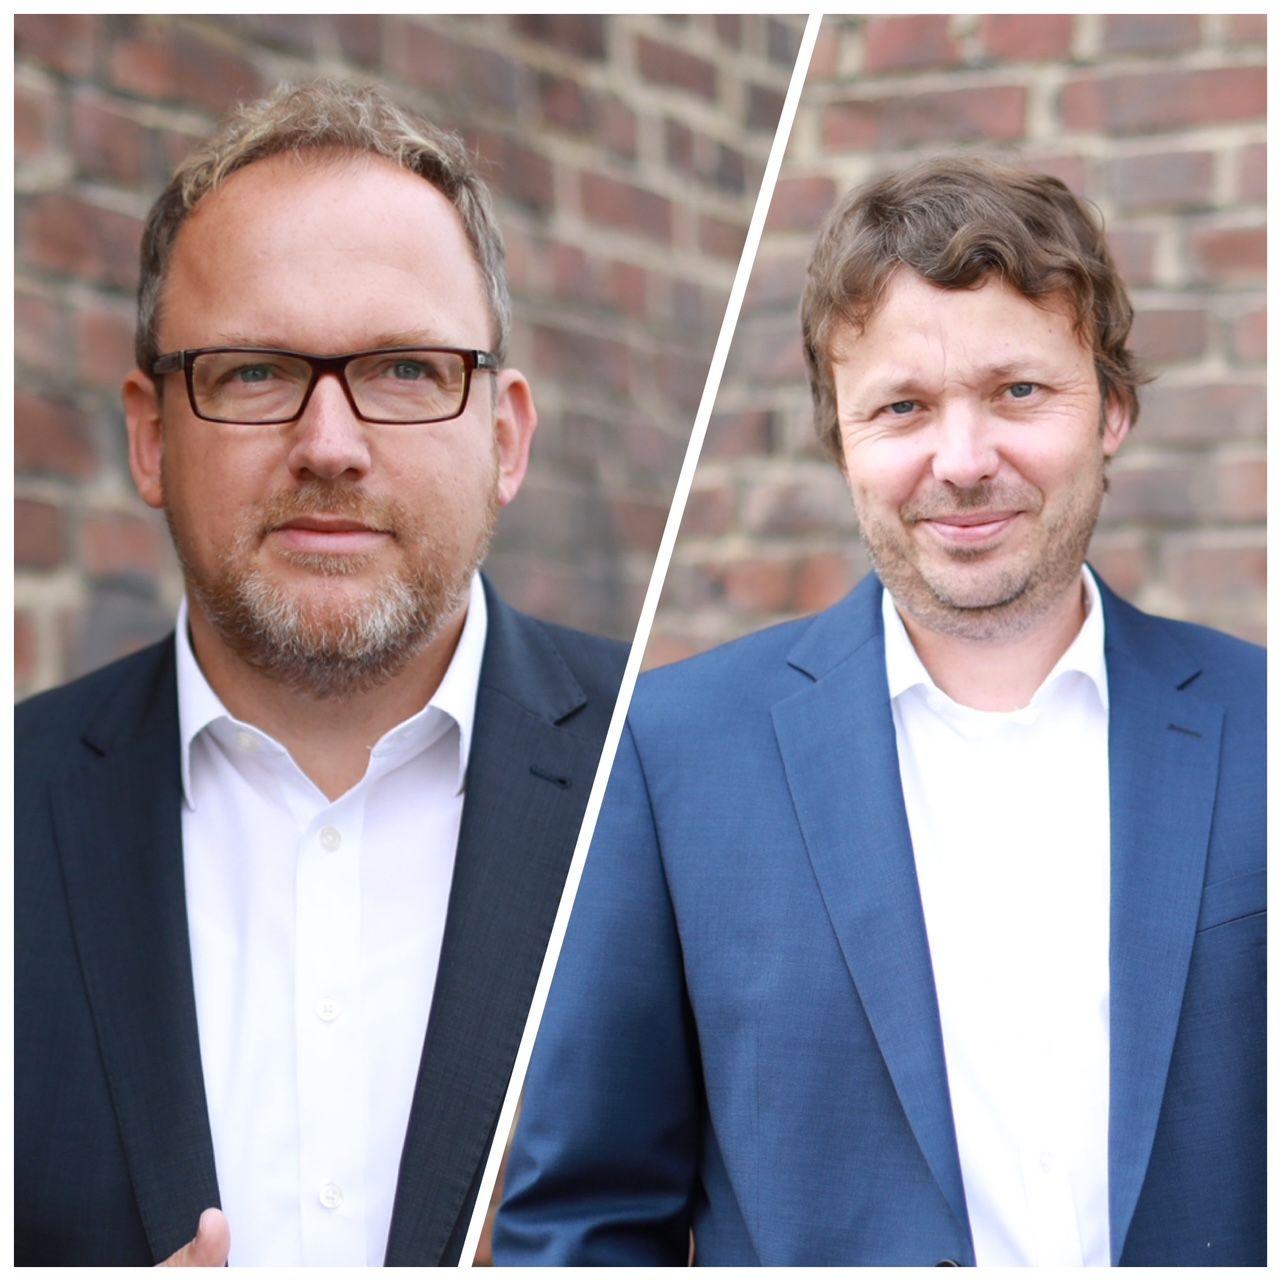 Knut Henrik Witt & Alexander Giers